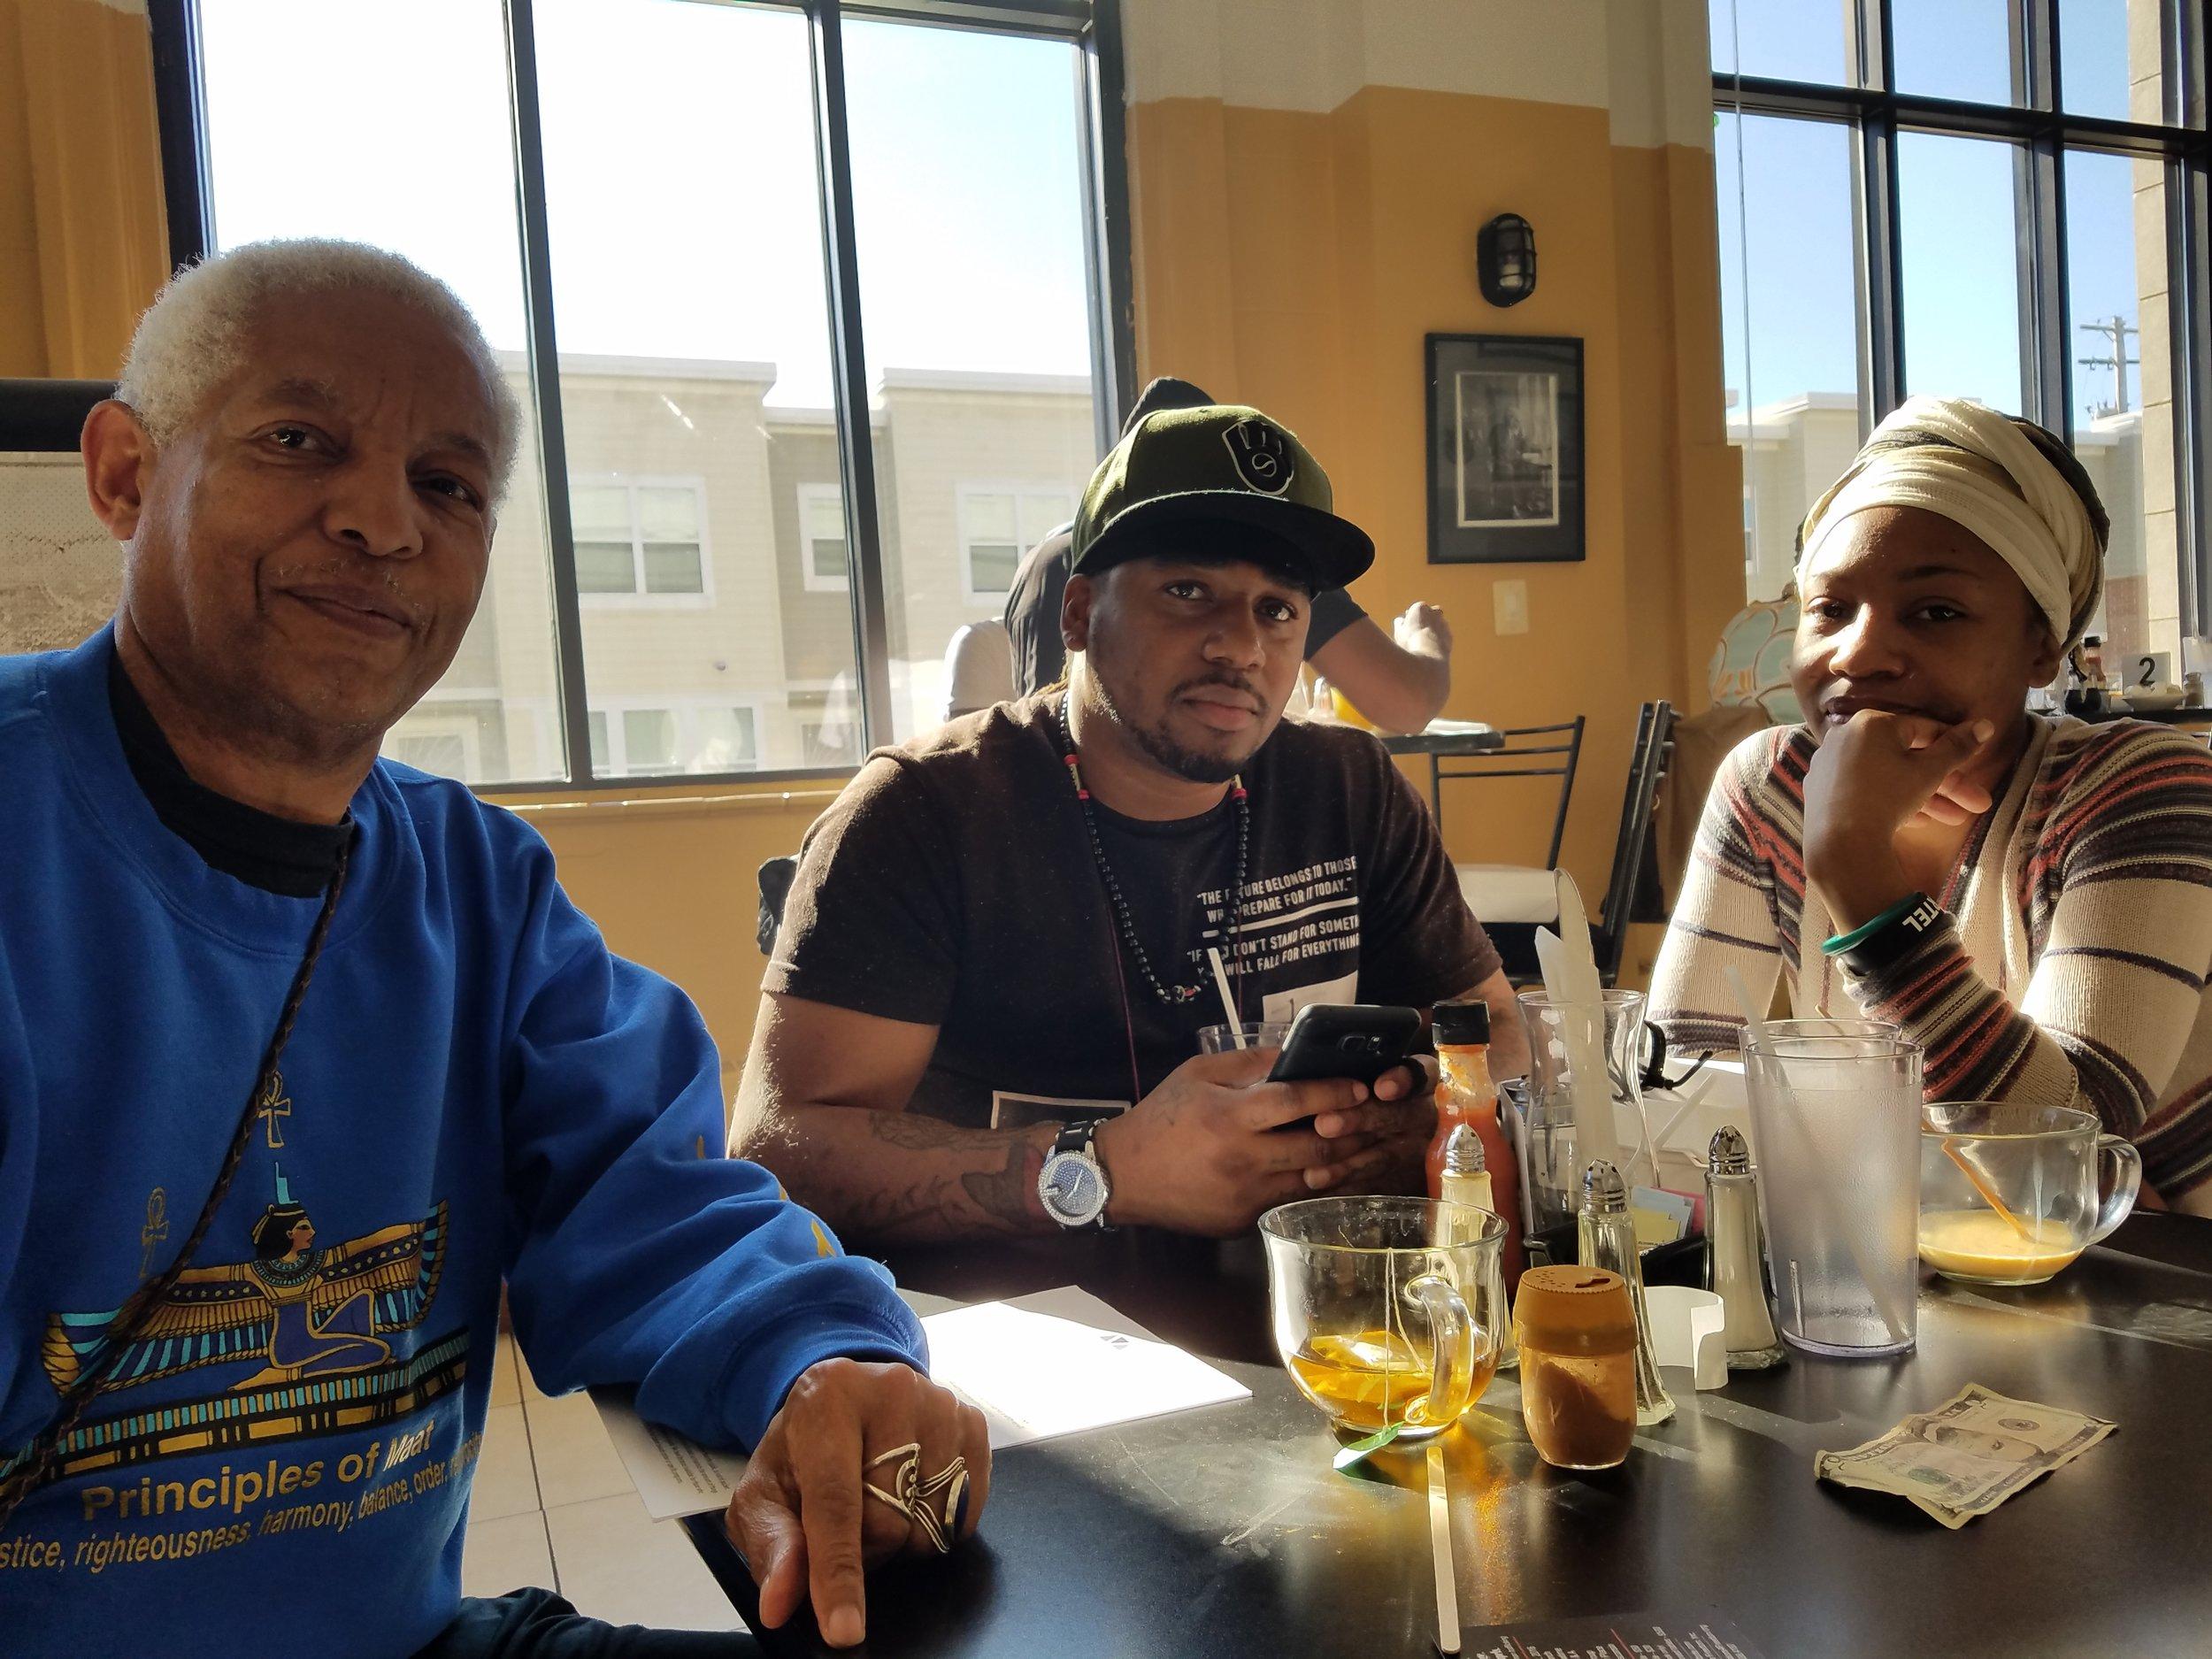 Anthony, Vaun, and Gab.